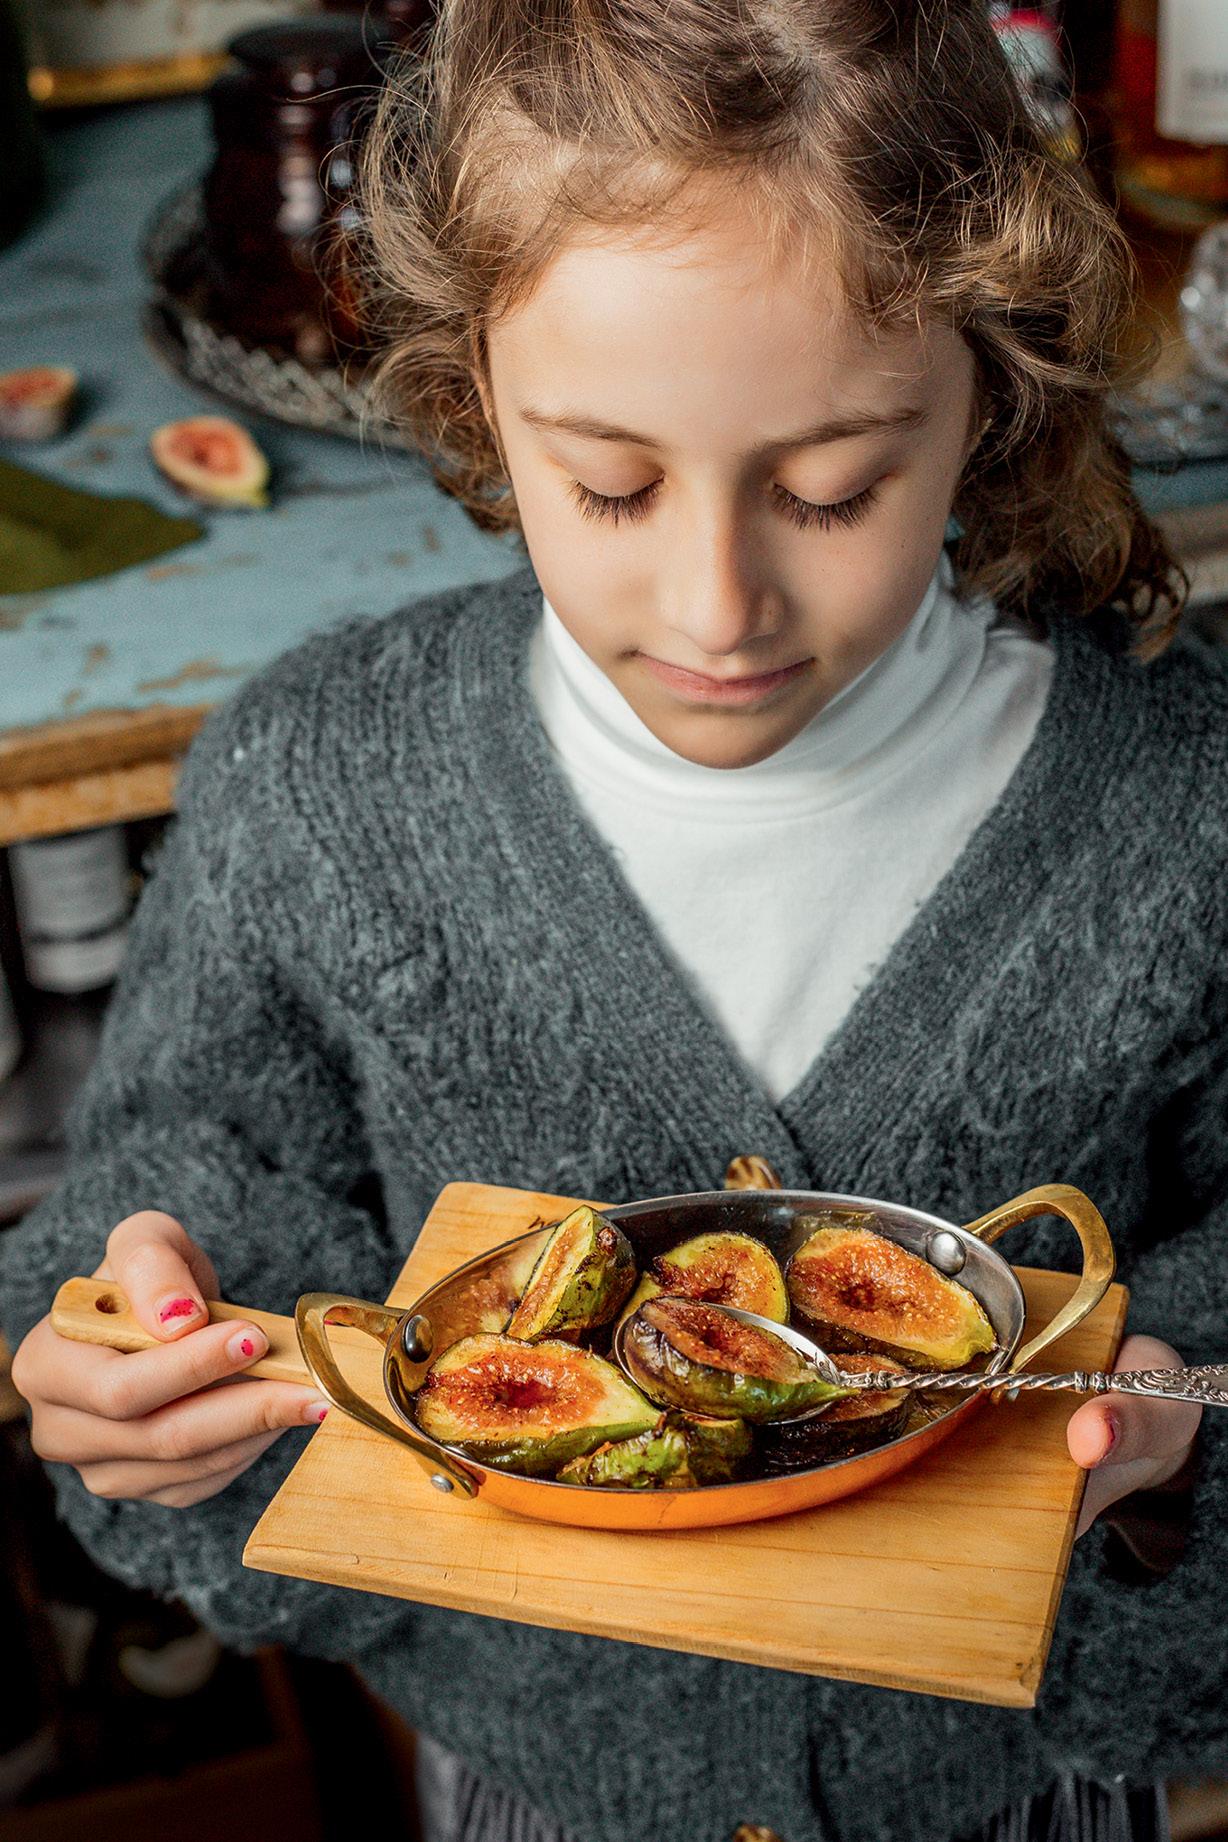 Menina olhando para prato de figos flambados